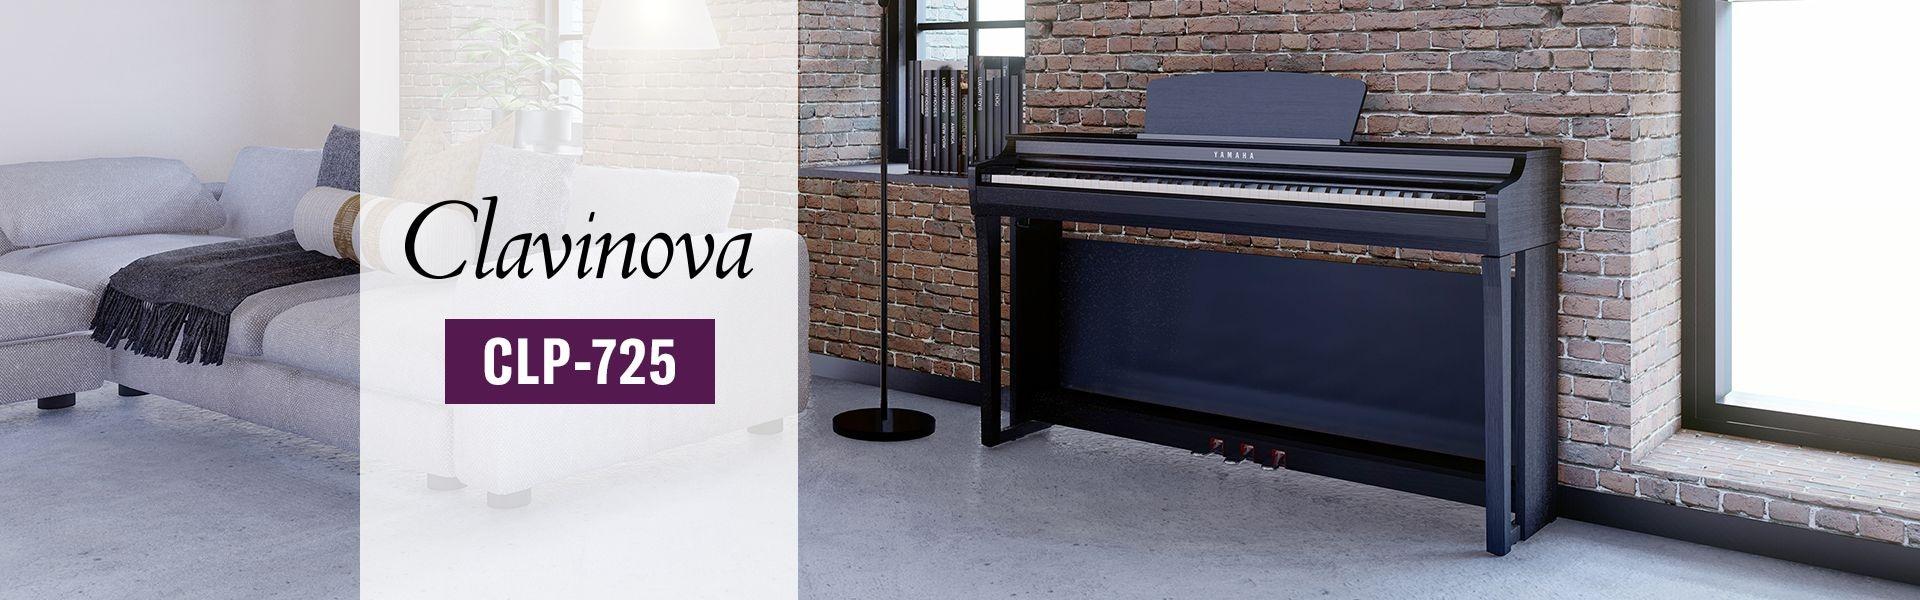 Yamaha Clavinova CLP-725